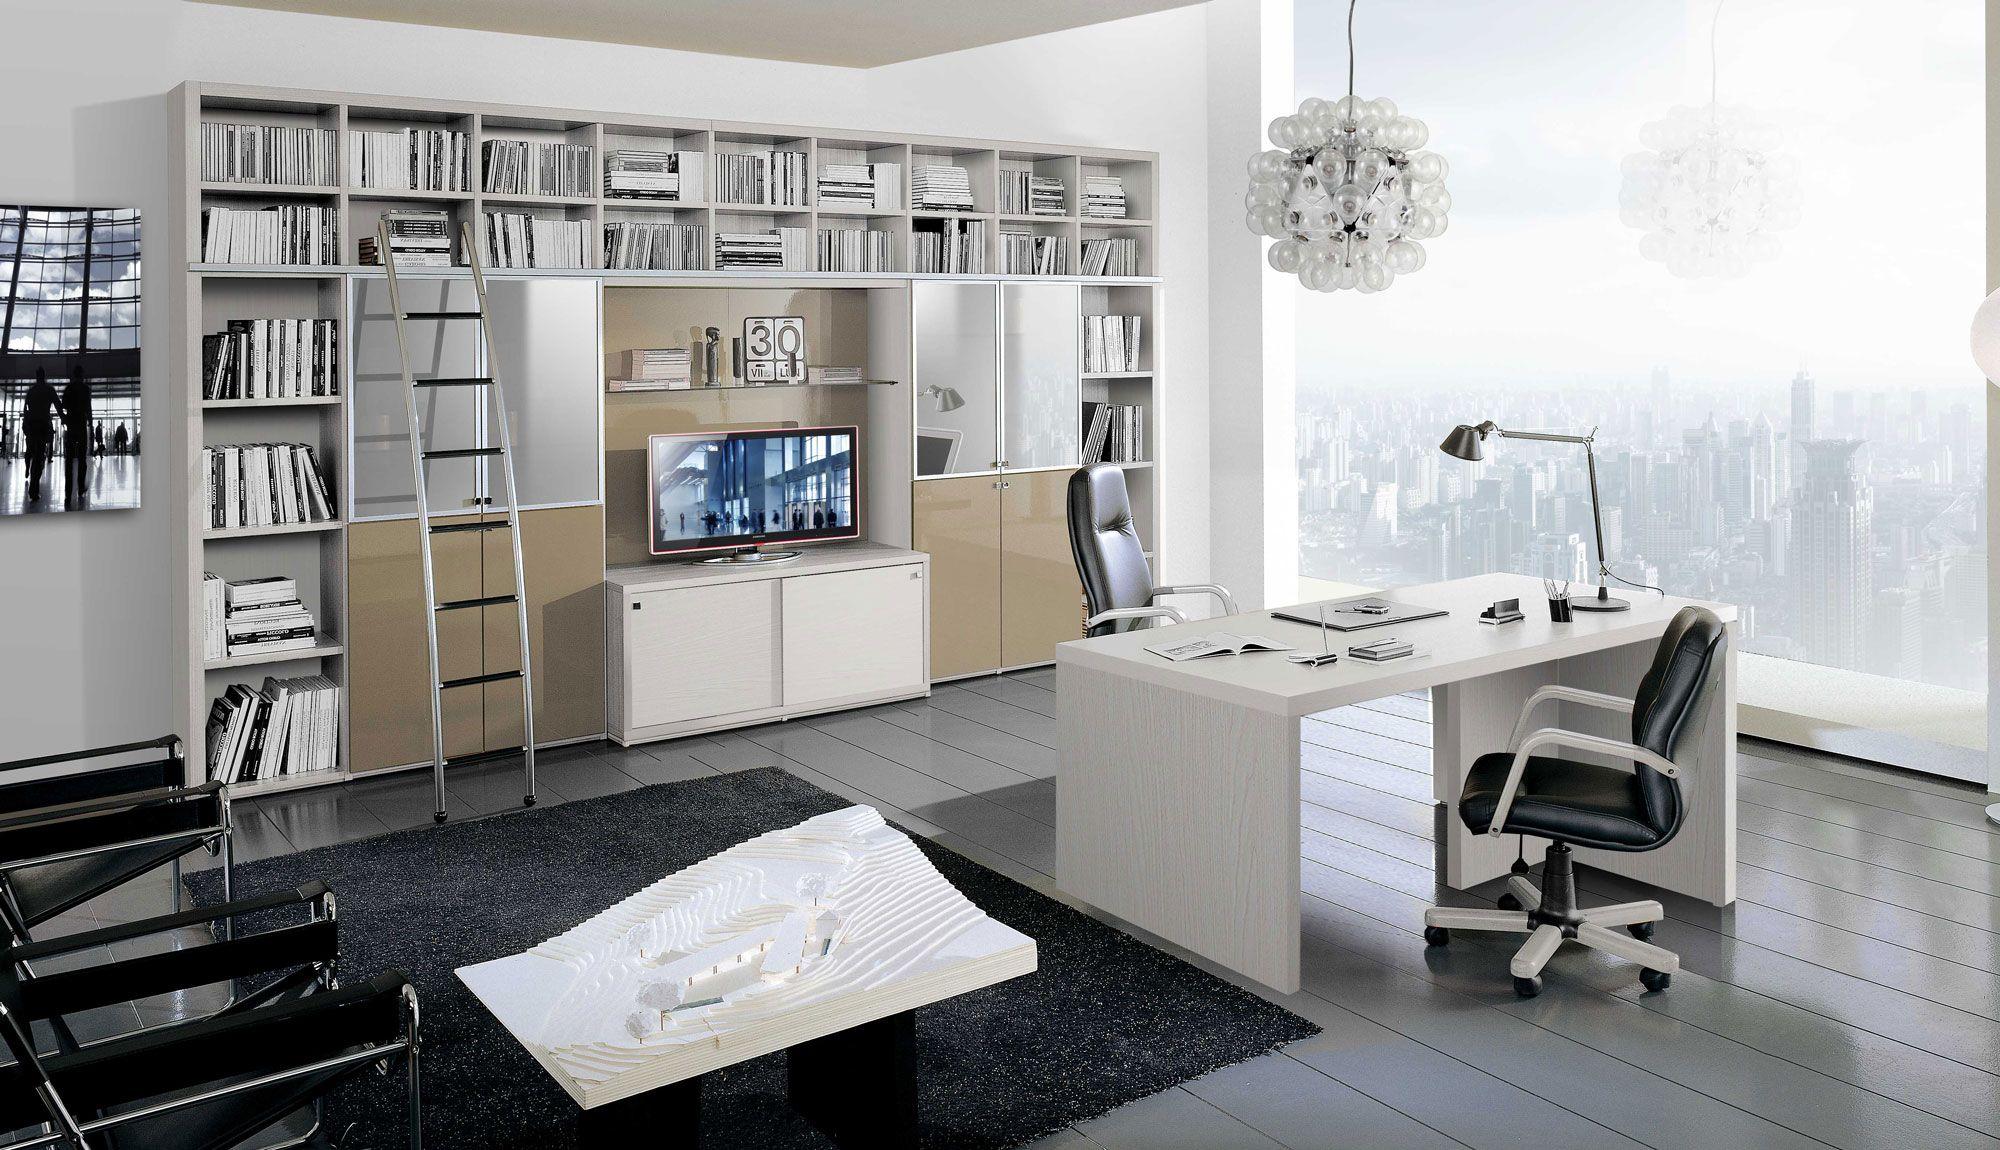 Lampadario Ufficio Ikea : Non solo ikea le alternative per un arredamento di design low